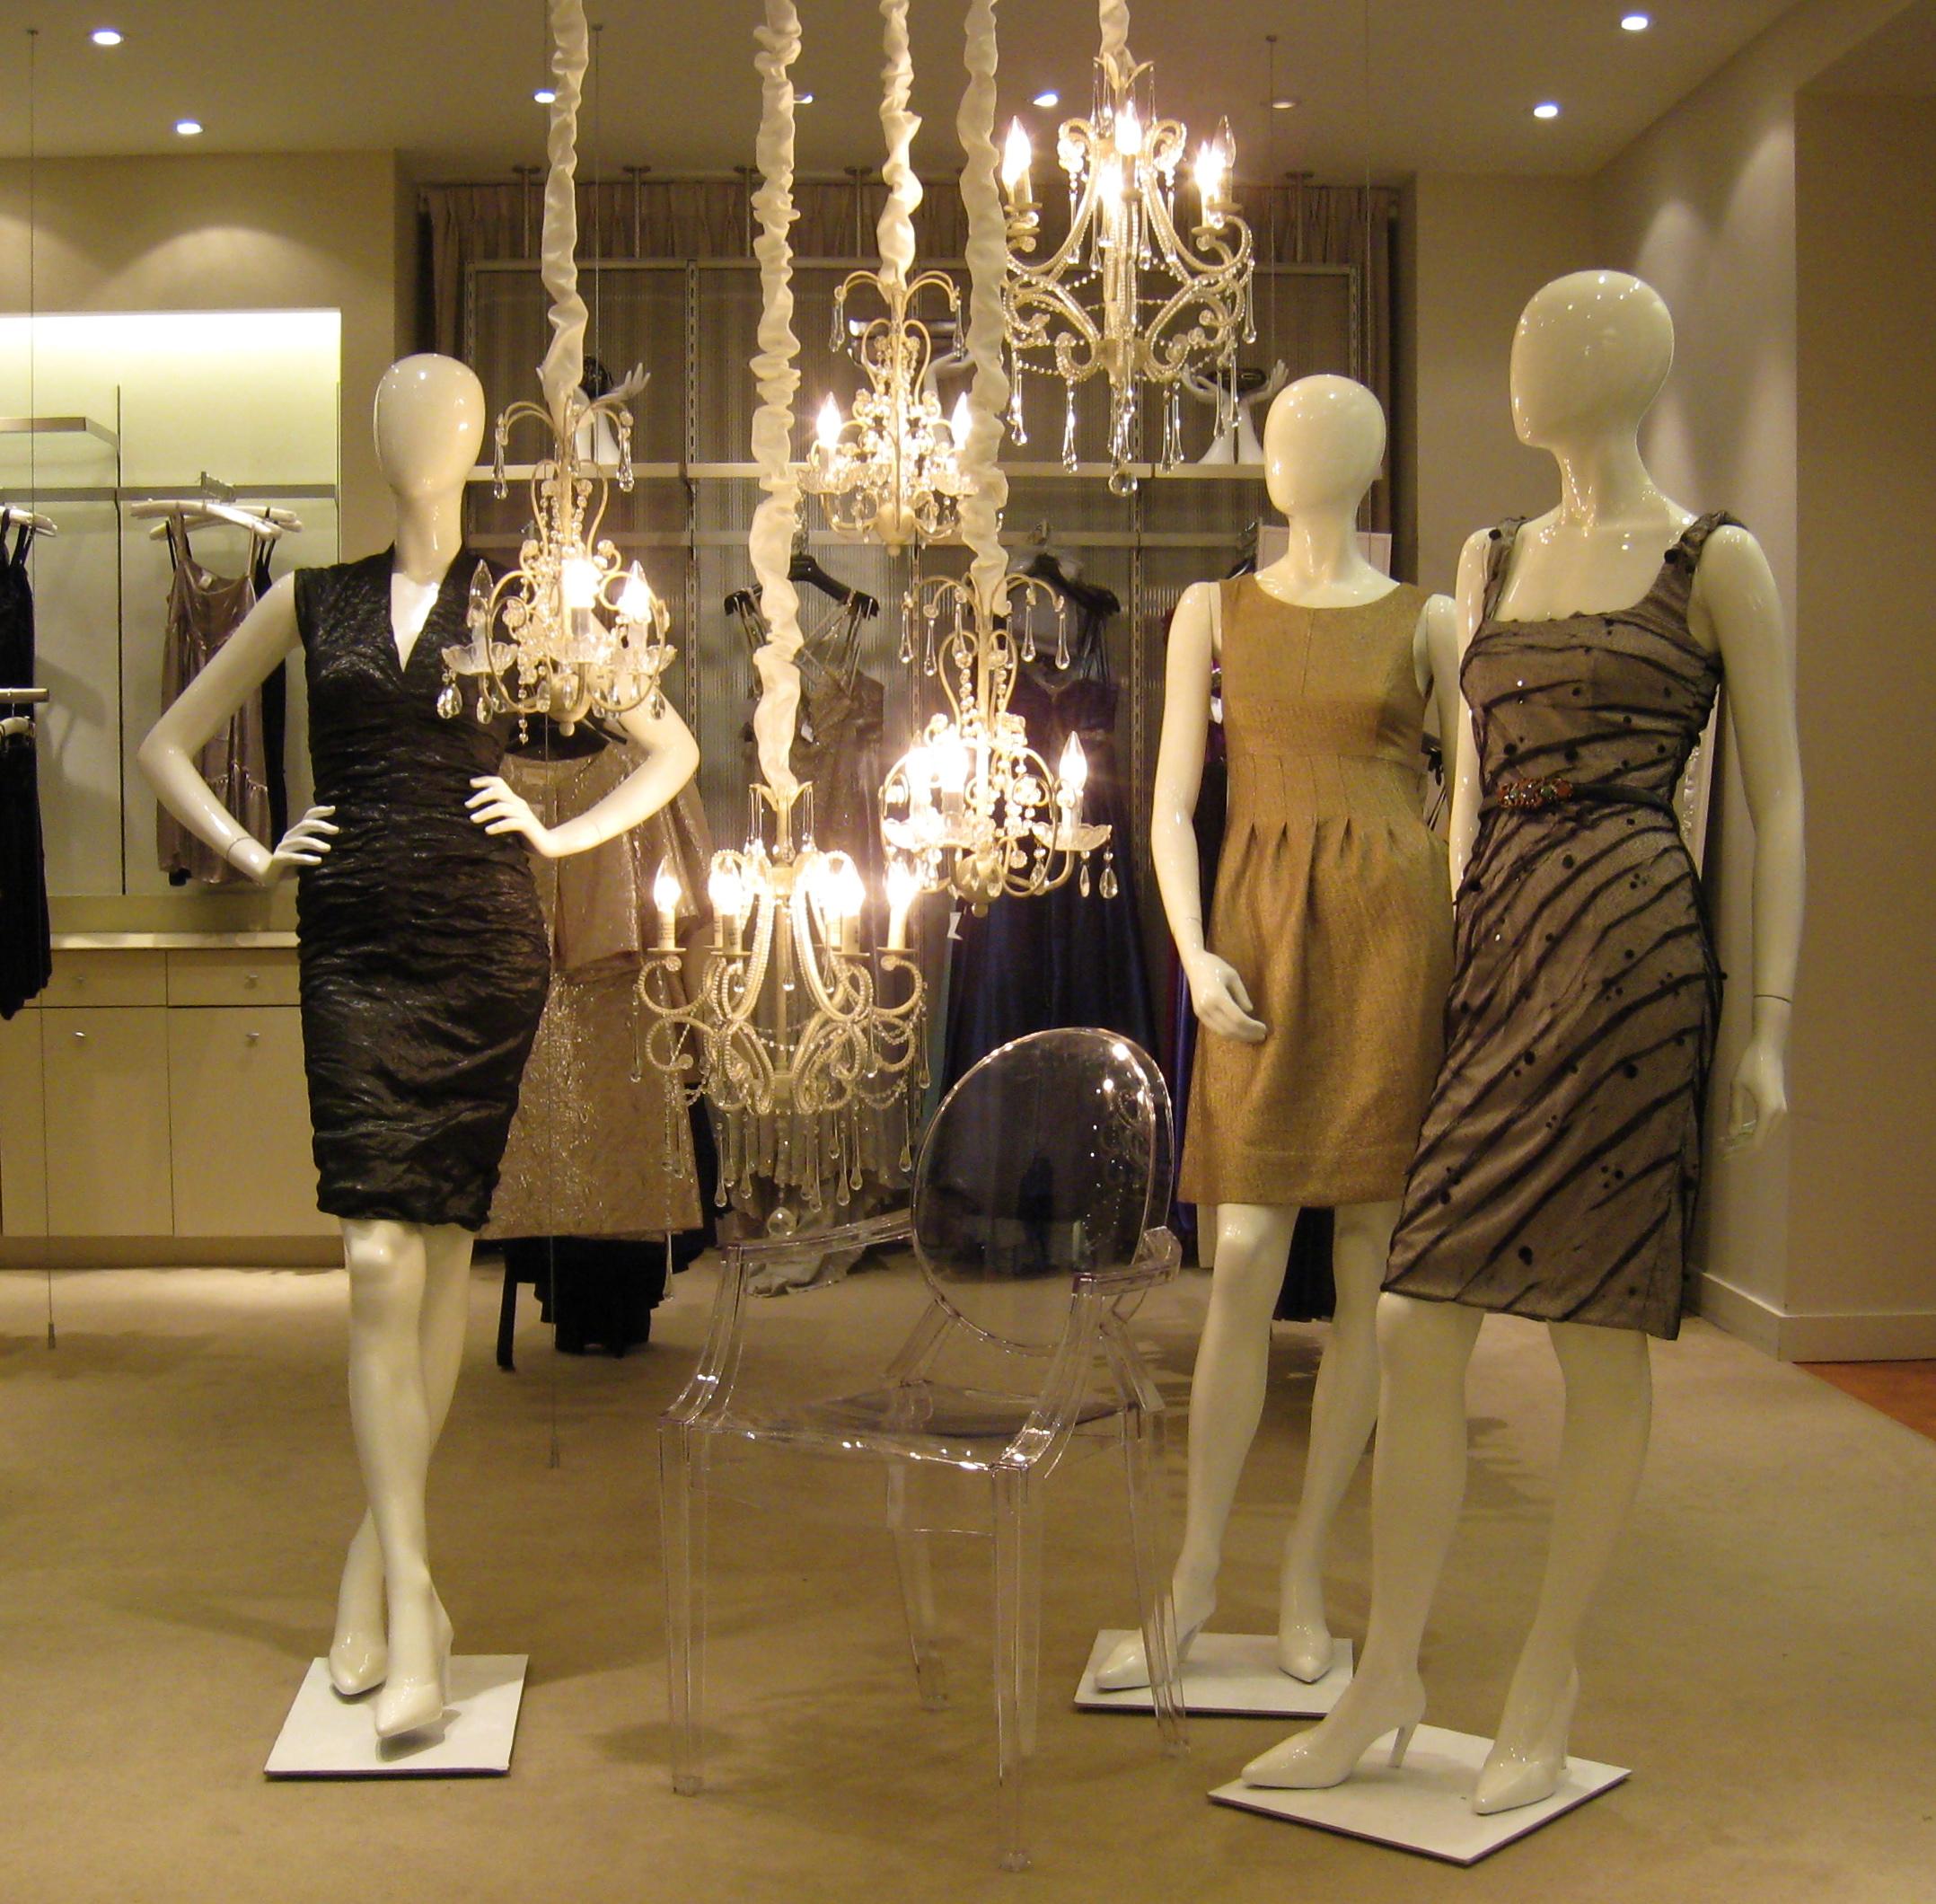 mannequin clothes